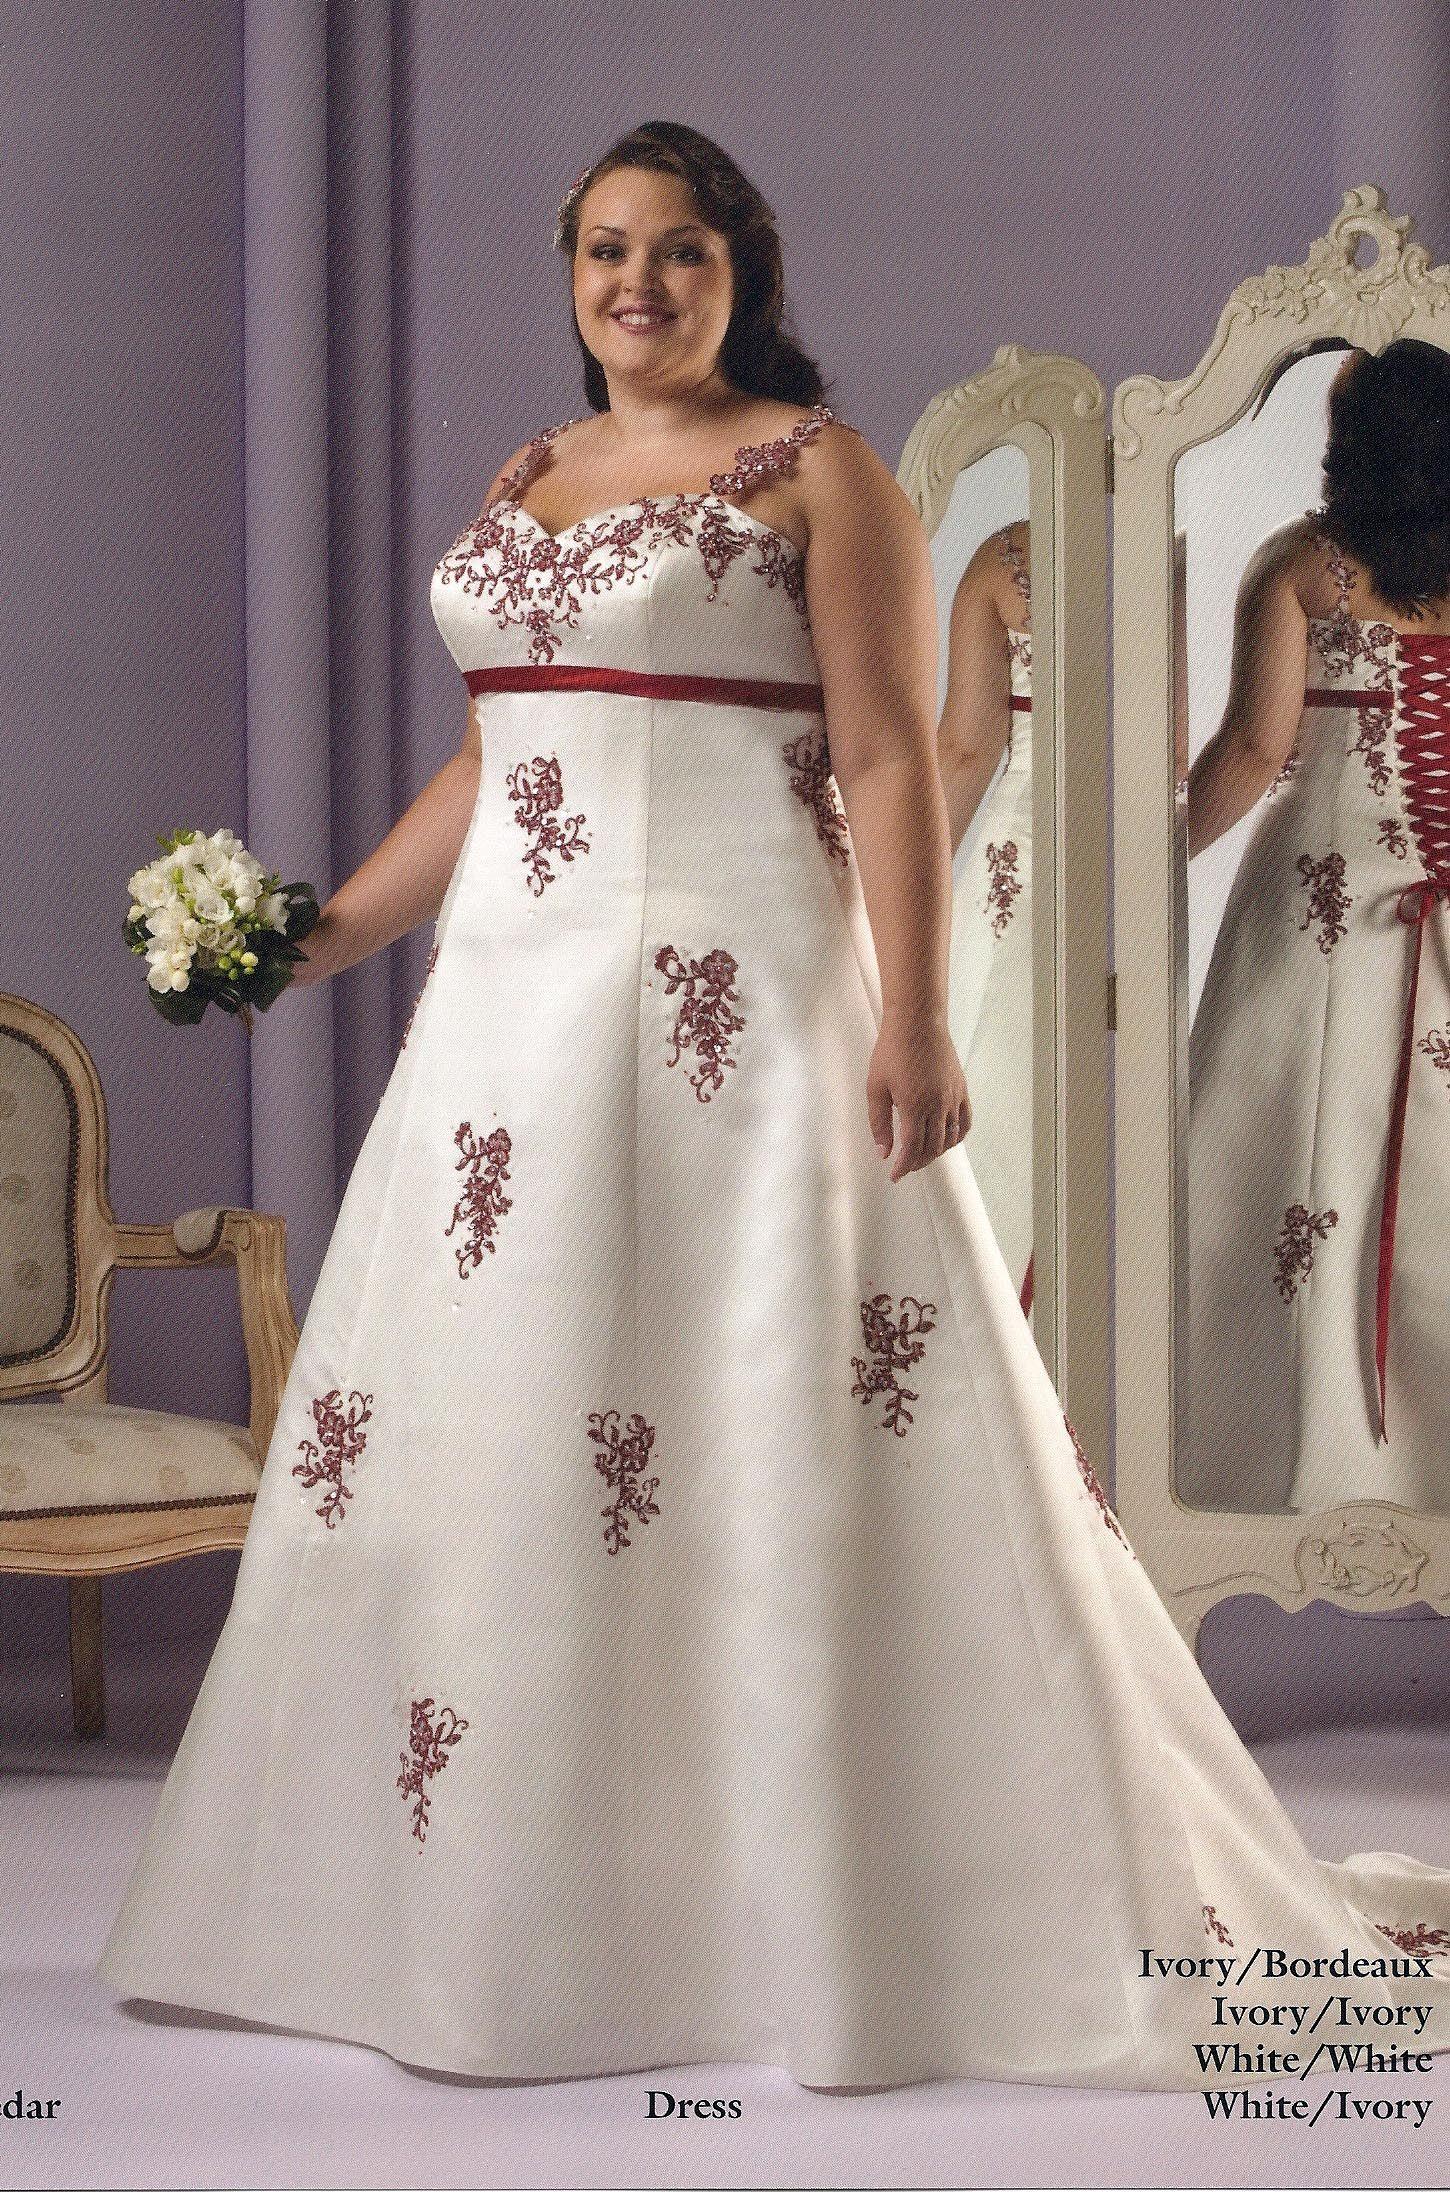 Billig aber elegant und glamour hochzeitskleider günstig große ...